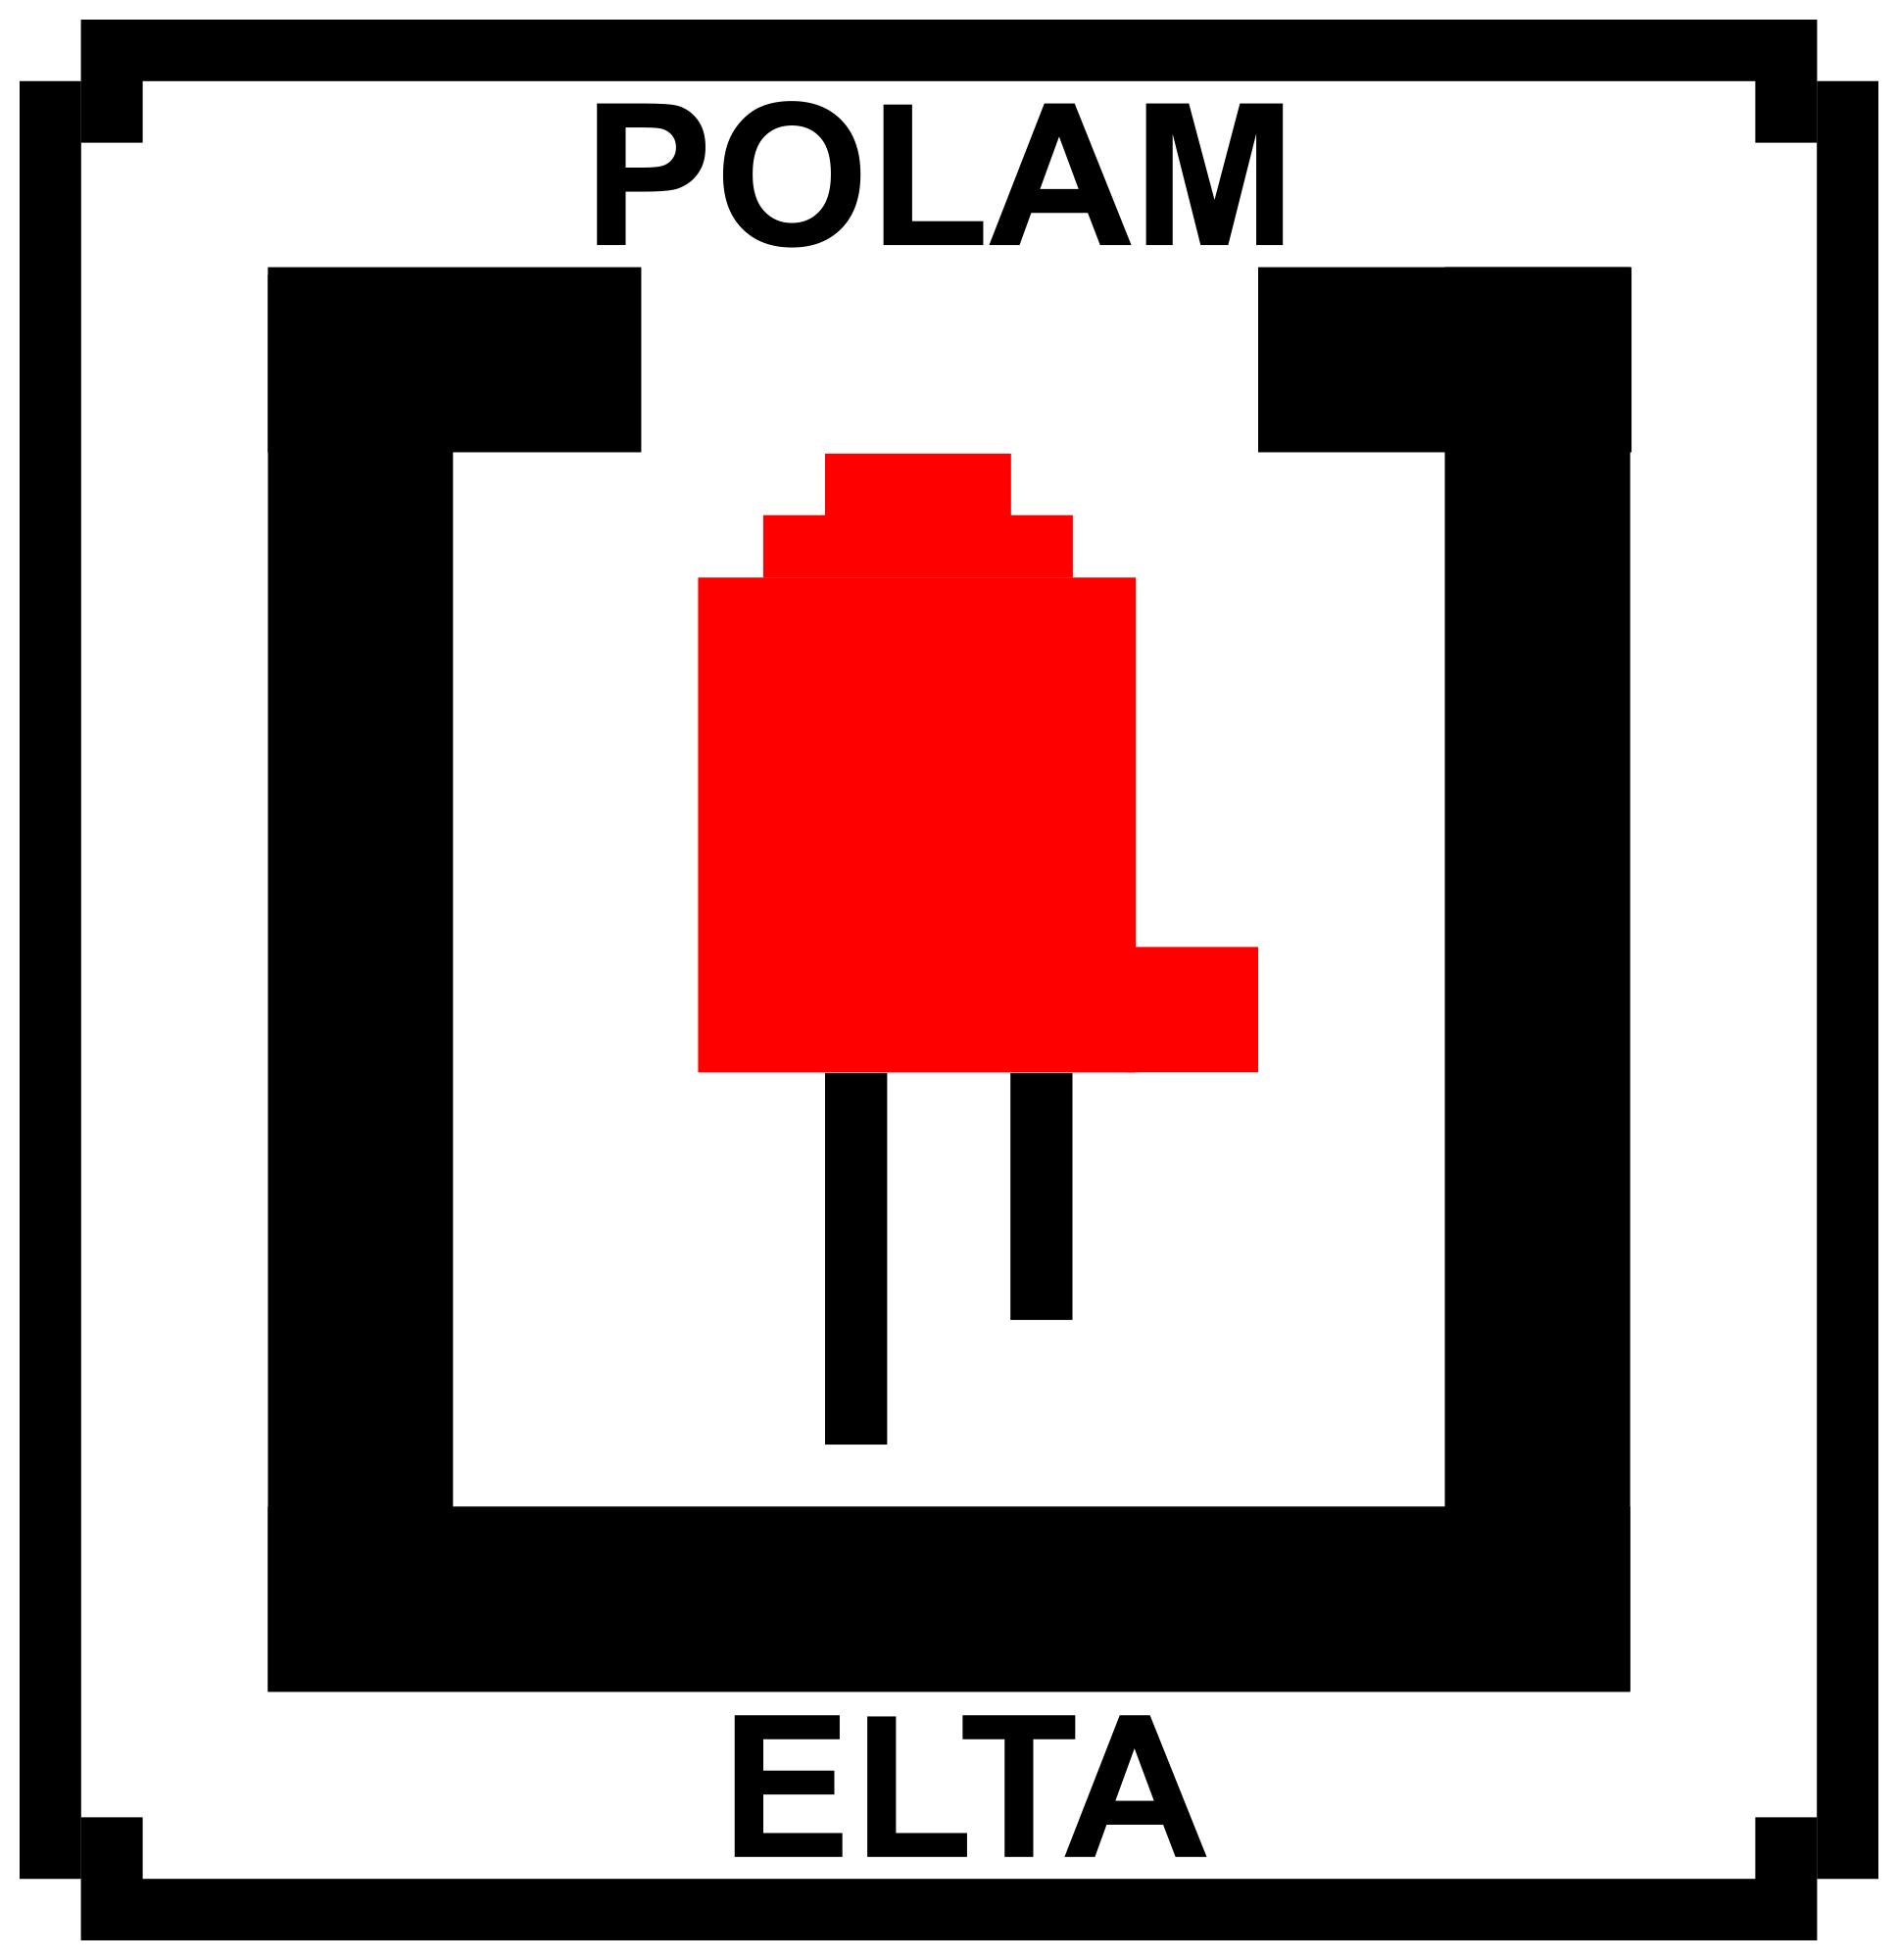 POLAM-ELTA